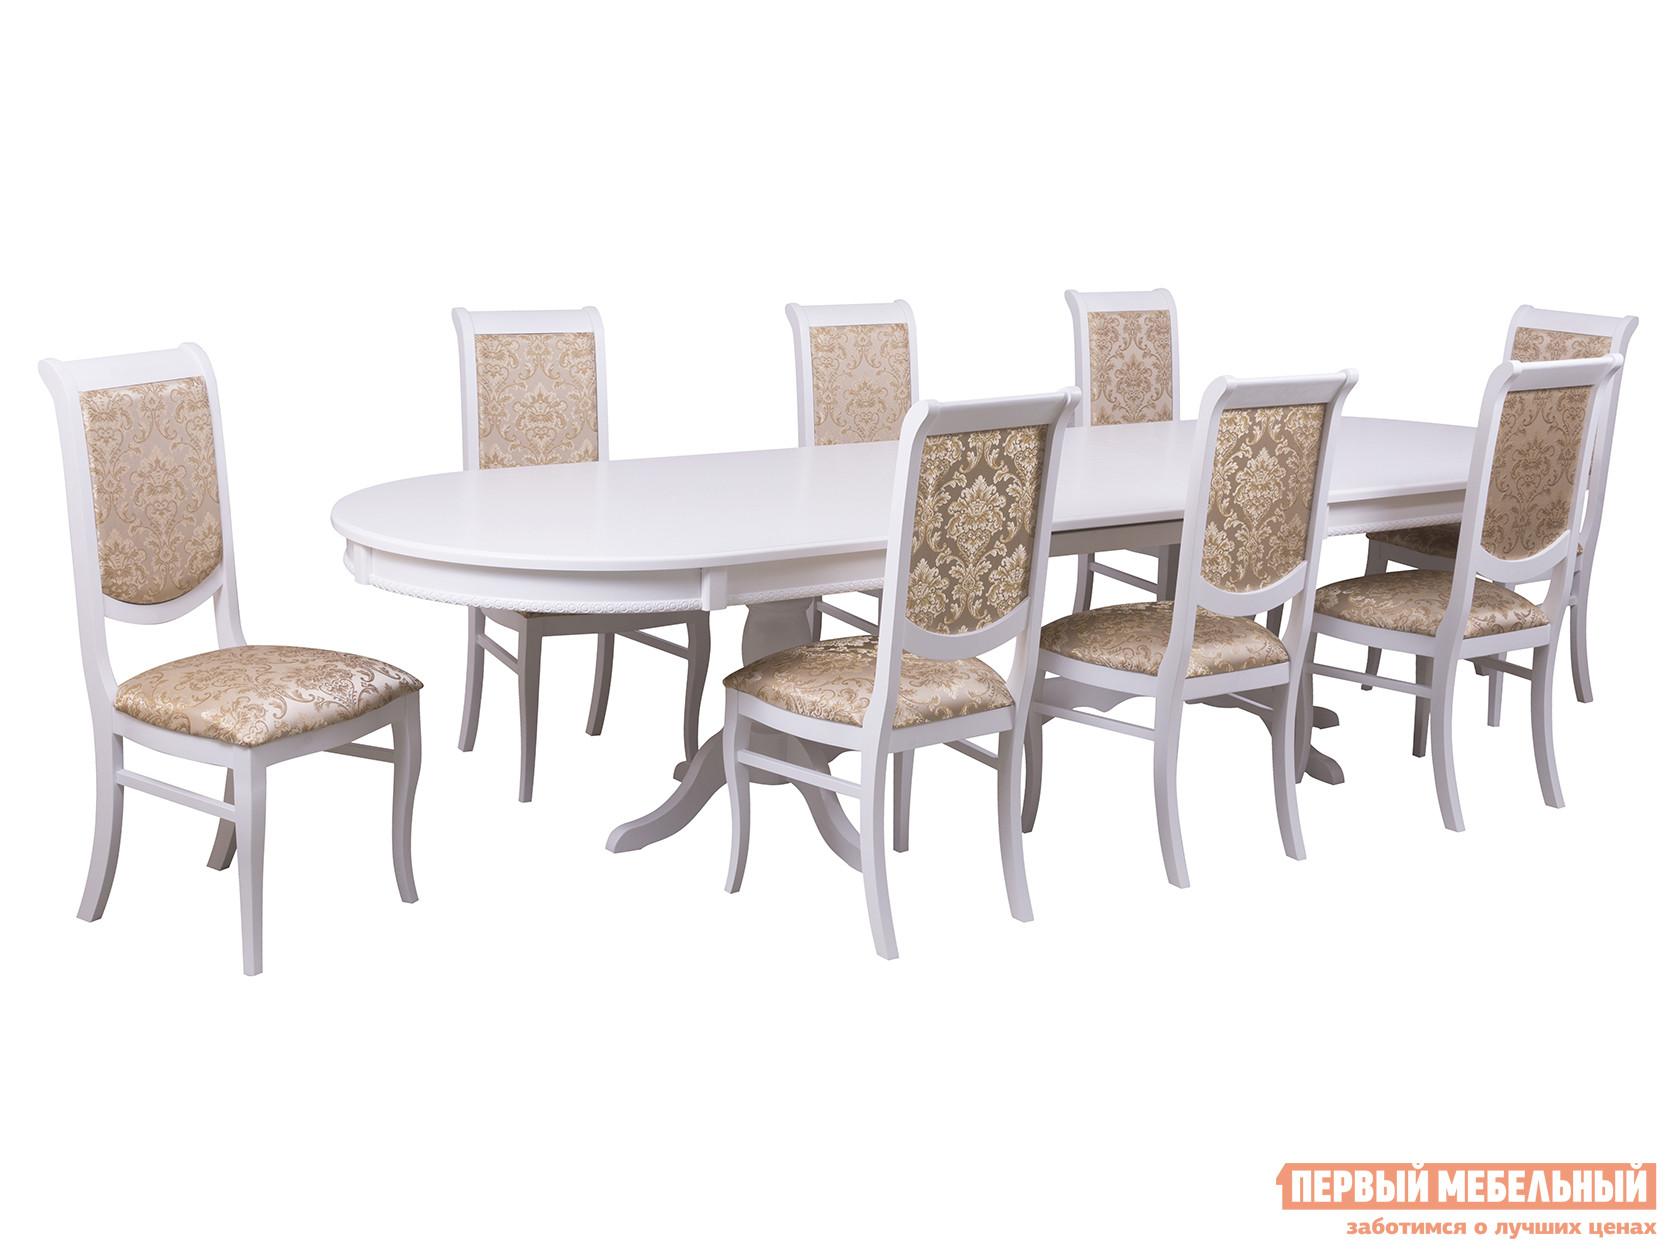 Обеденная группа для столовой и гостиной Mebwill Стол Верона + 8 стульев Флоренция2